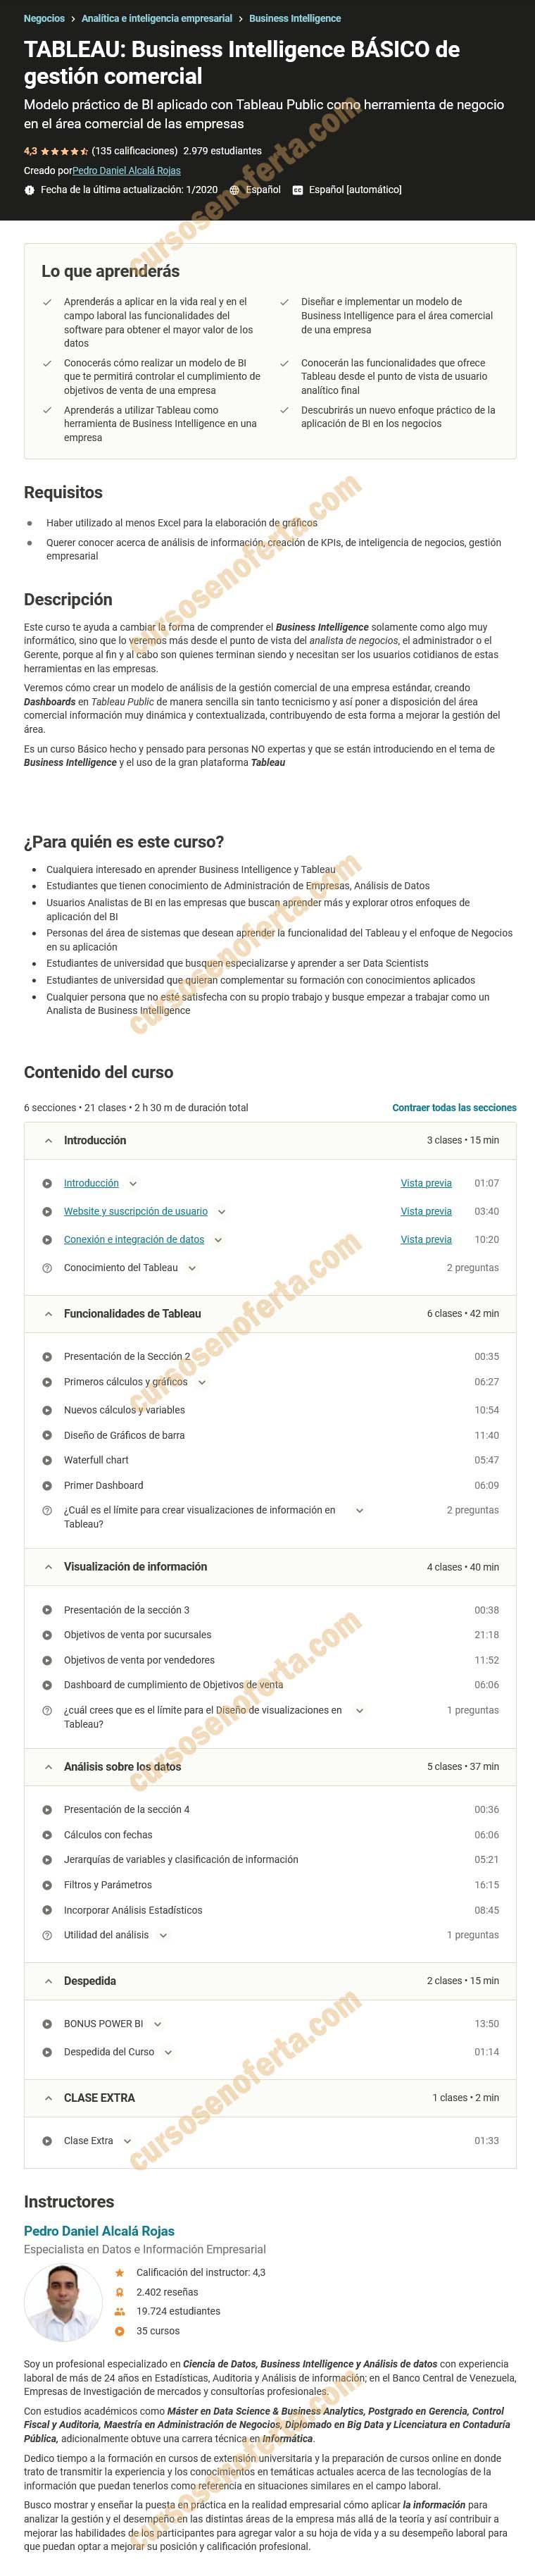 TABLEAU - Business Intelligence BÁSICO de gestión comercial